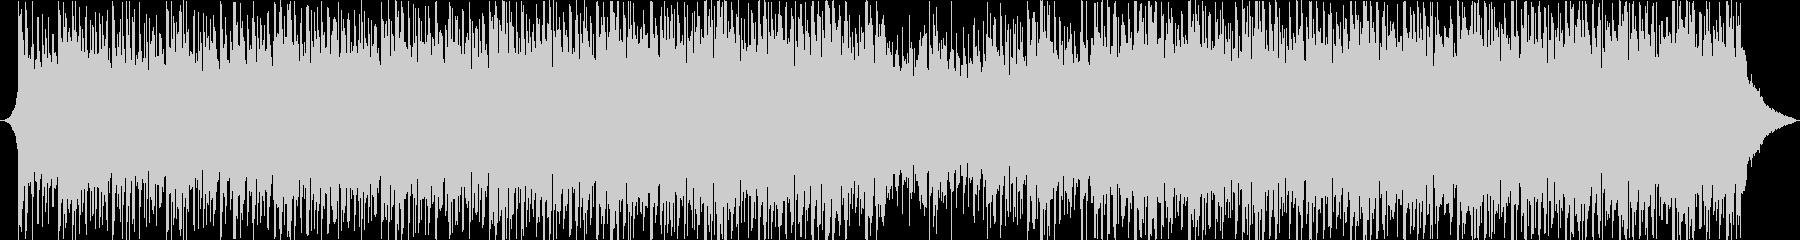 感フリーなアンビエントハウスミュージックの未再生の波形